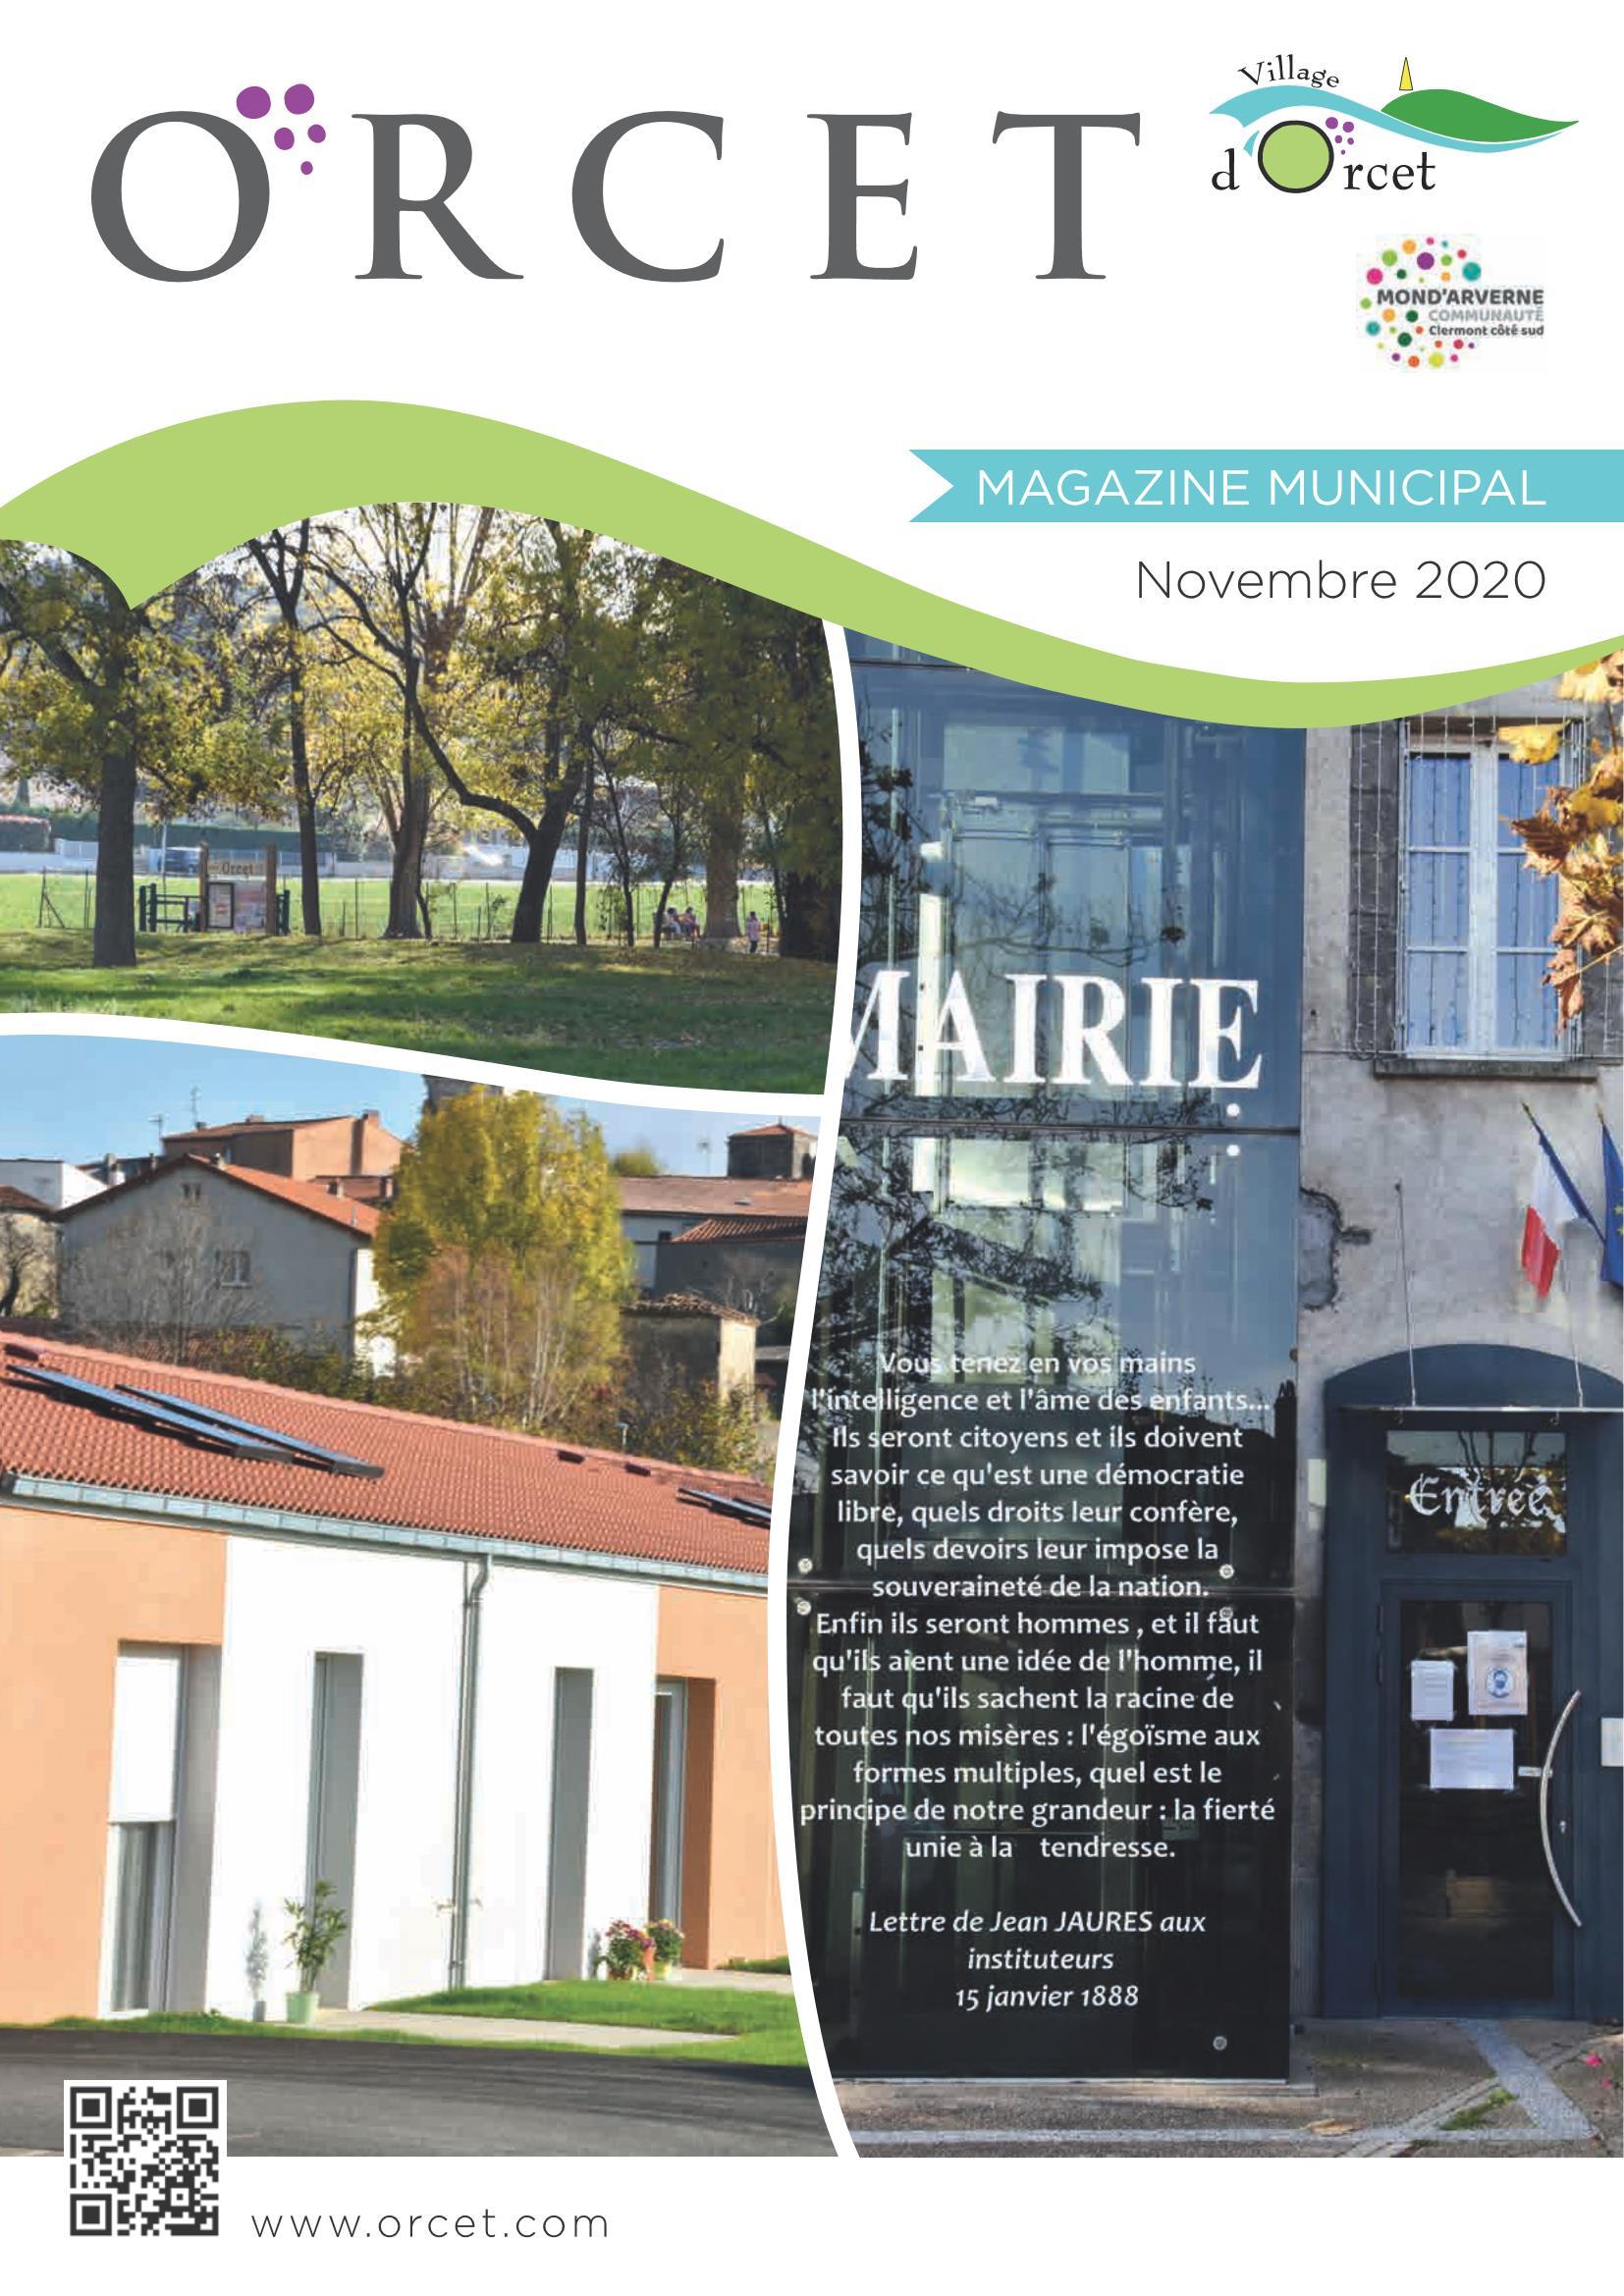 Magazine 2020 _150 DPI_.pdf_extract_Page_1.jpeg